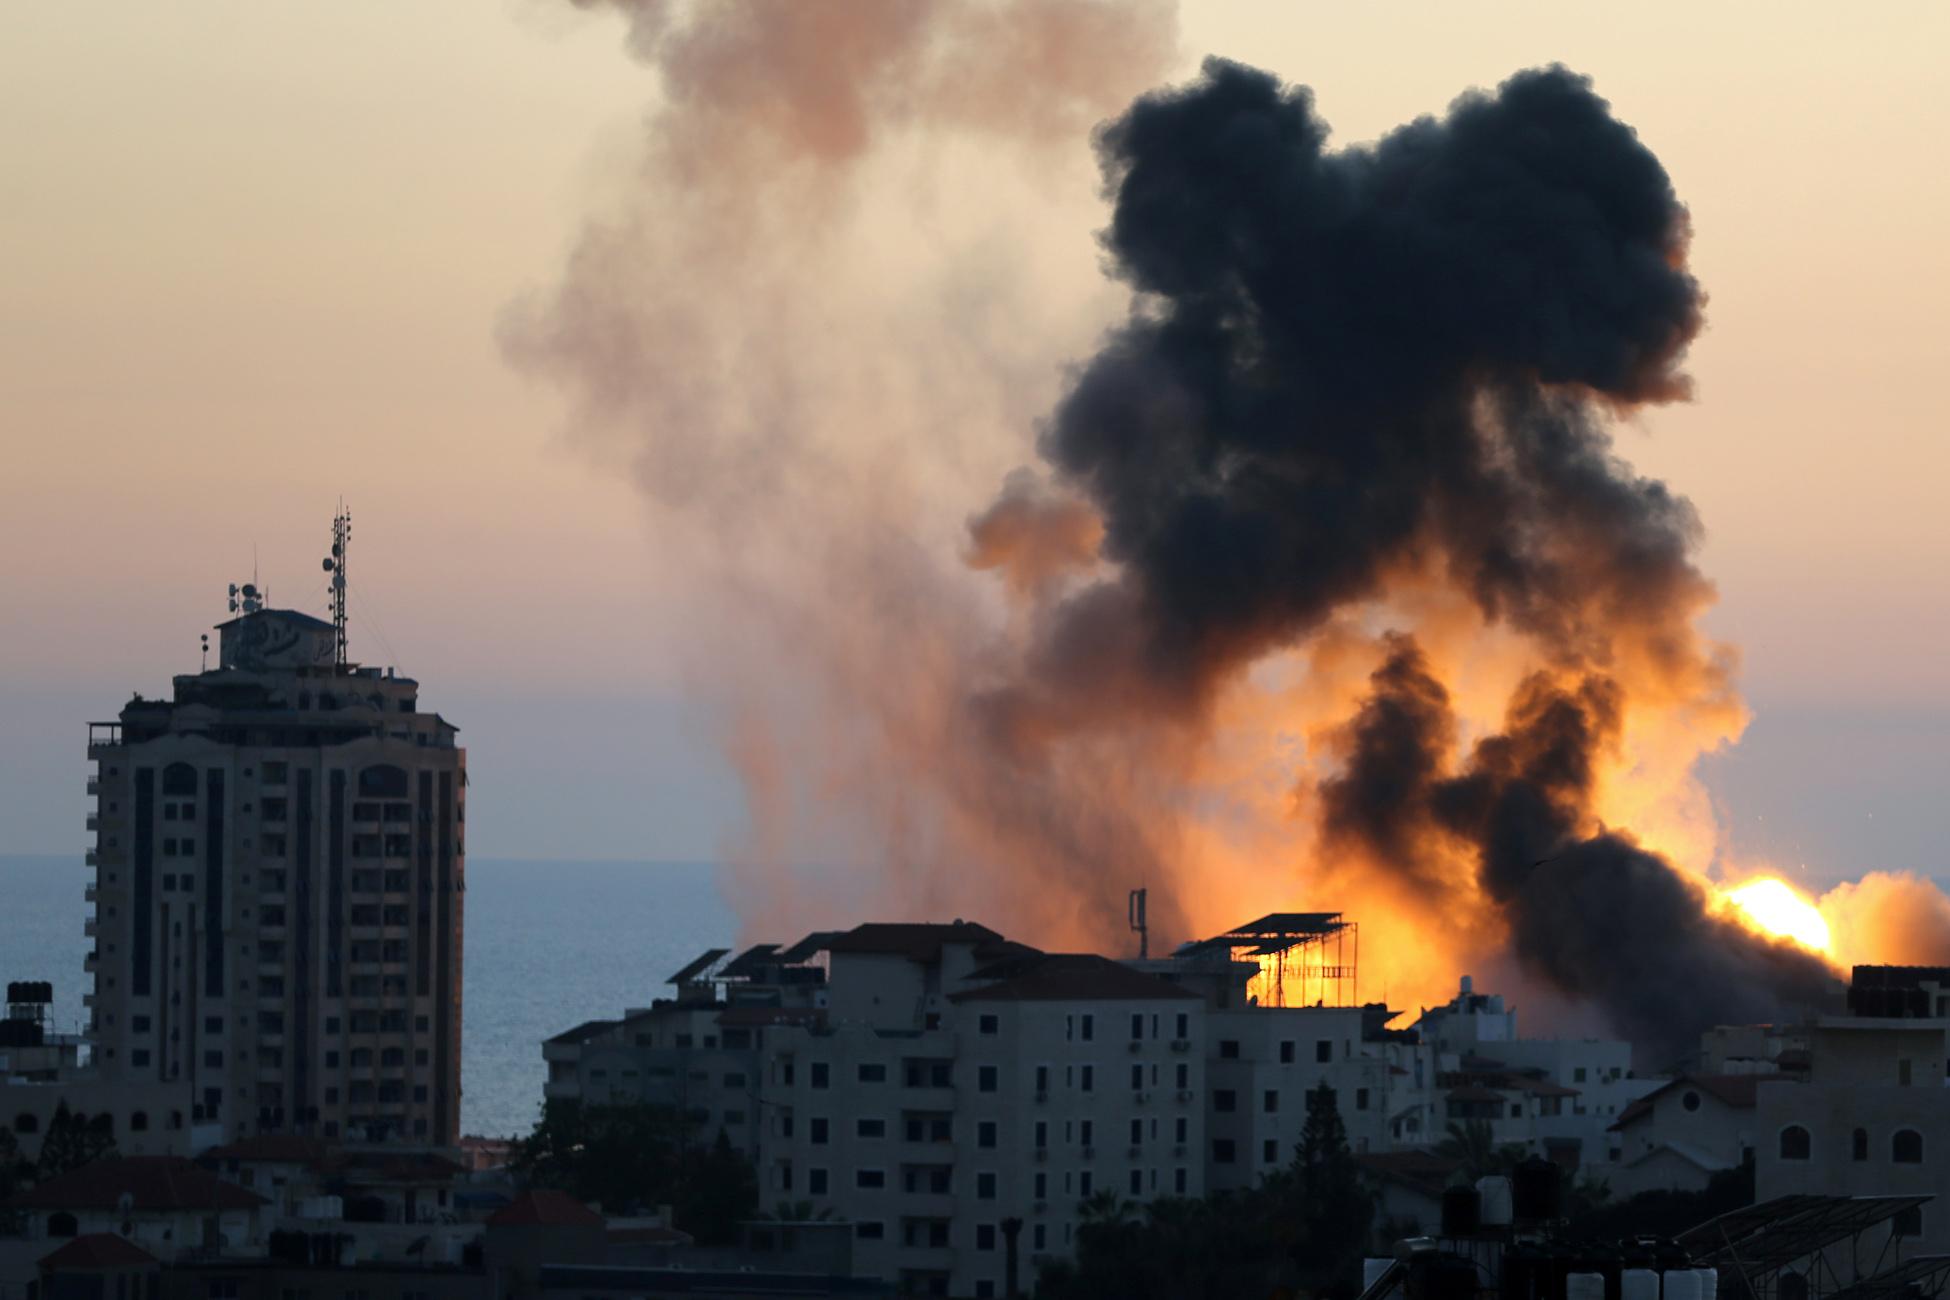 Λωρίδα της Γάζας: Τουλάχιστον 10.000 Παλαιστίνιοι έχουν αναγκαστεί να εγκαταλείψουν τα σπίτια τους